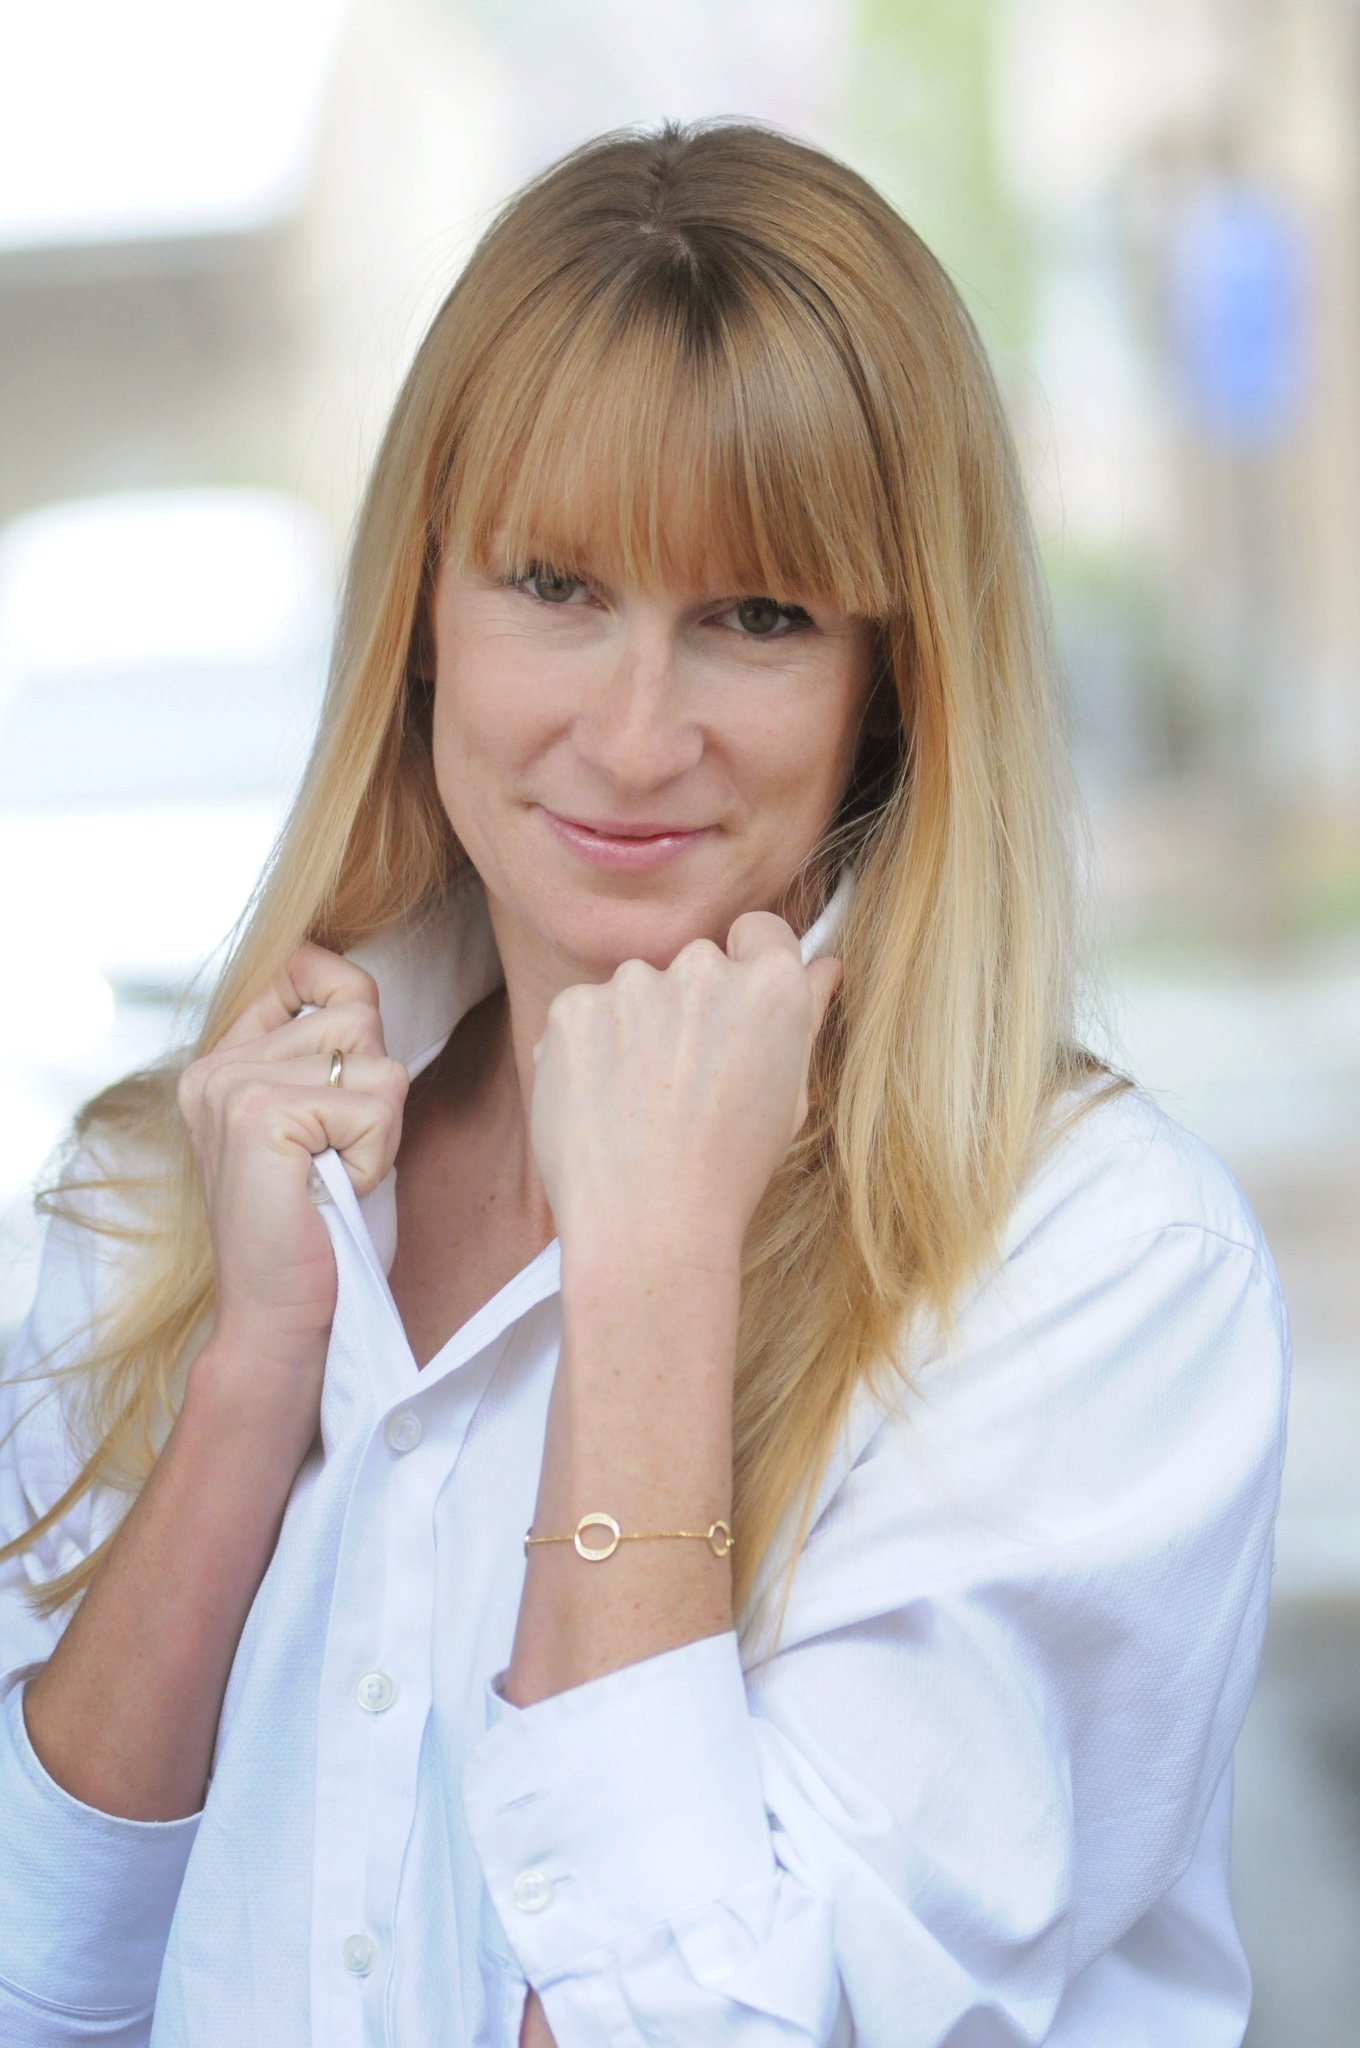 nomination italy, armband, bracelet, unica kollektion, Muttertagsgeschenk, Muttertag, Schmuckstück, versandkostenfrei Nomination Italy, Mamablog, Modeblog, Link ohne Versandkosten